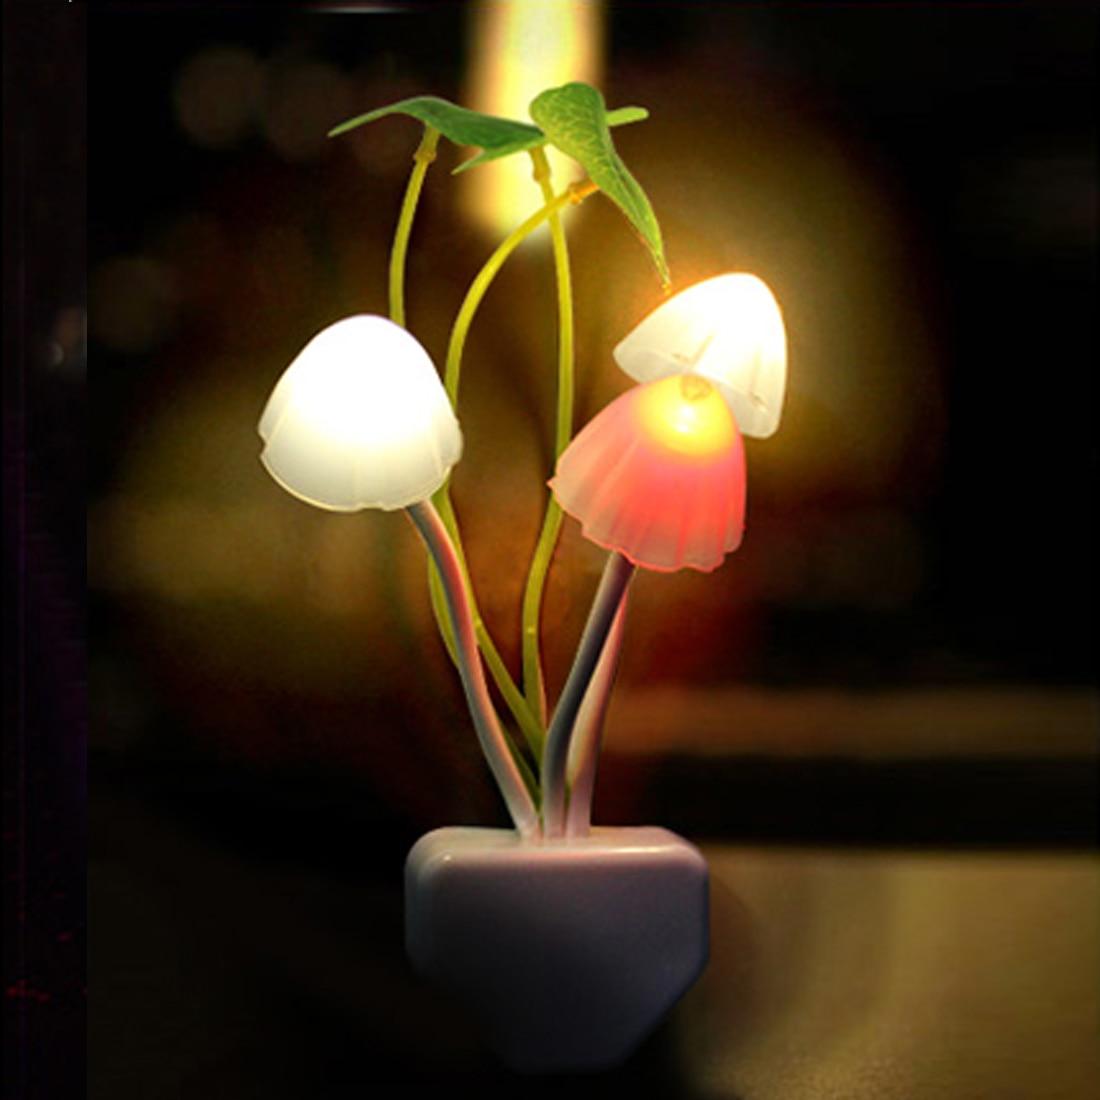 Lovely US & EU Plug Night Light Induction Dream Mushroom Fungus LED Lamp 3 LEDs Mushroom Lamp LED Night Lights Lovely US & EU Plug Night Light Induction Dream Mushroom Fungus LED Lamp 3 LEDs Mushroom Lamp LED Night Lights